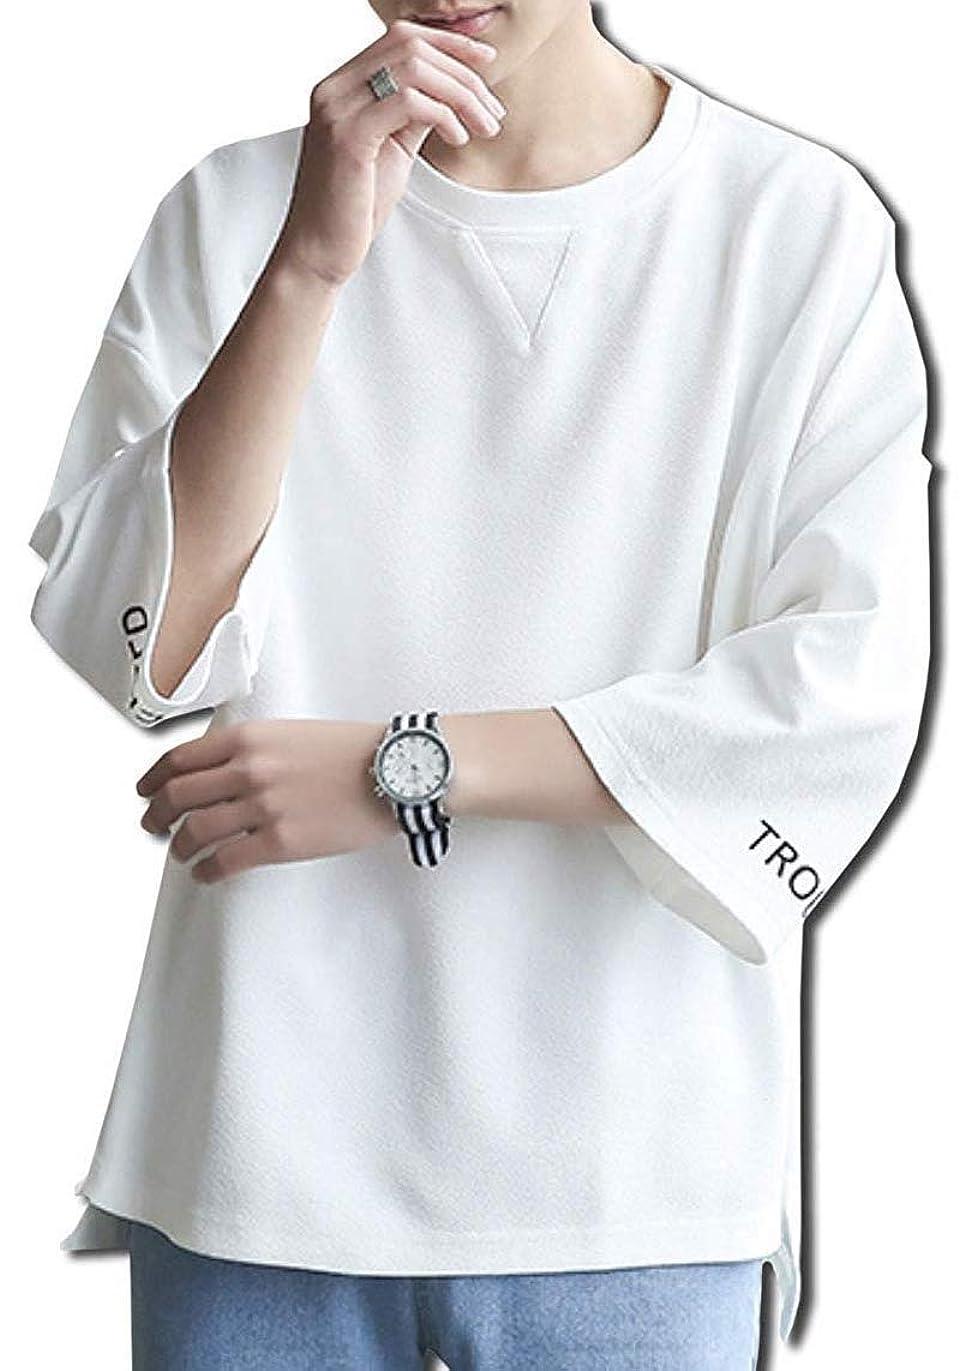 キャンベラ救出ワーカー[ボルソ] 7分袖 ゆったり ビッグ シルエット Tシャツ メンズ (ブラック、ホワイト) M ~ XXL